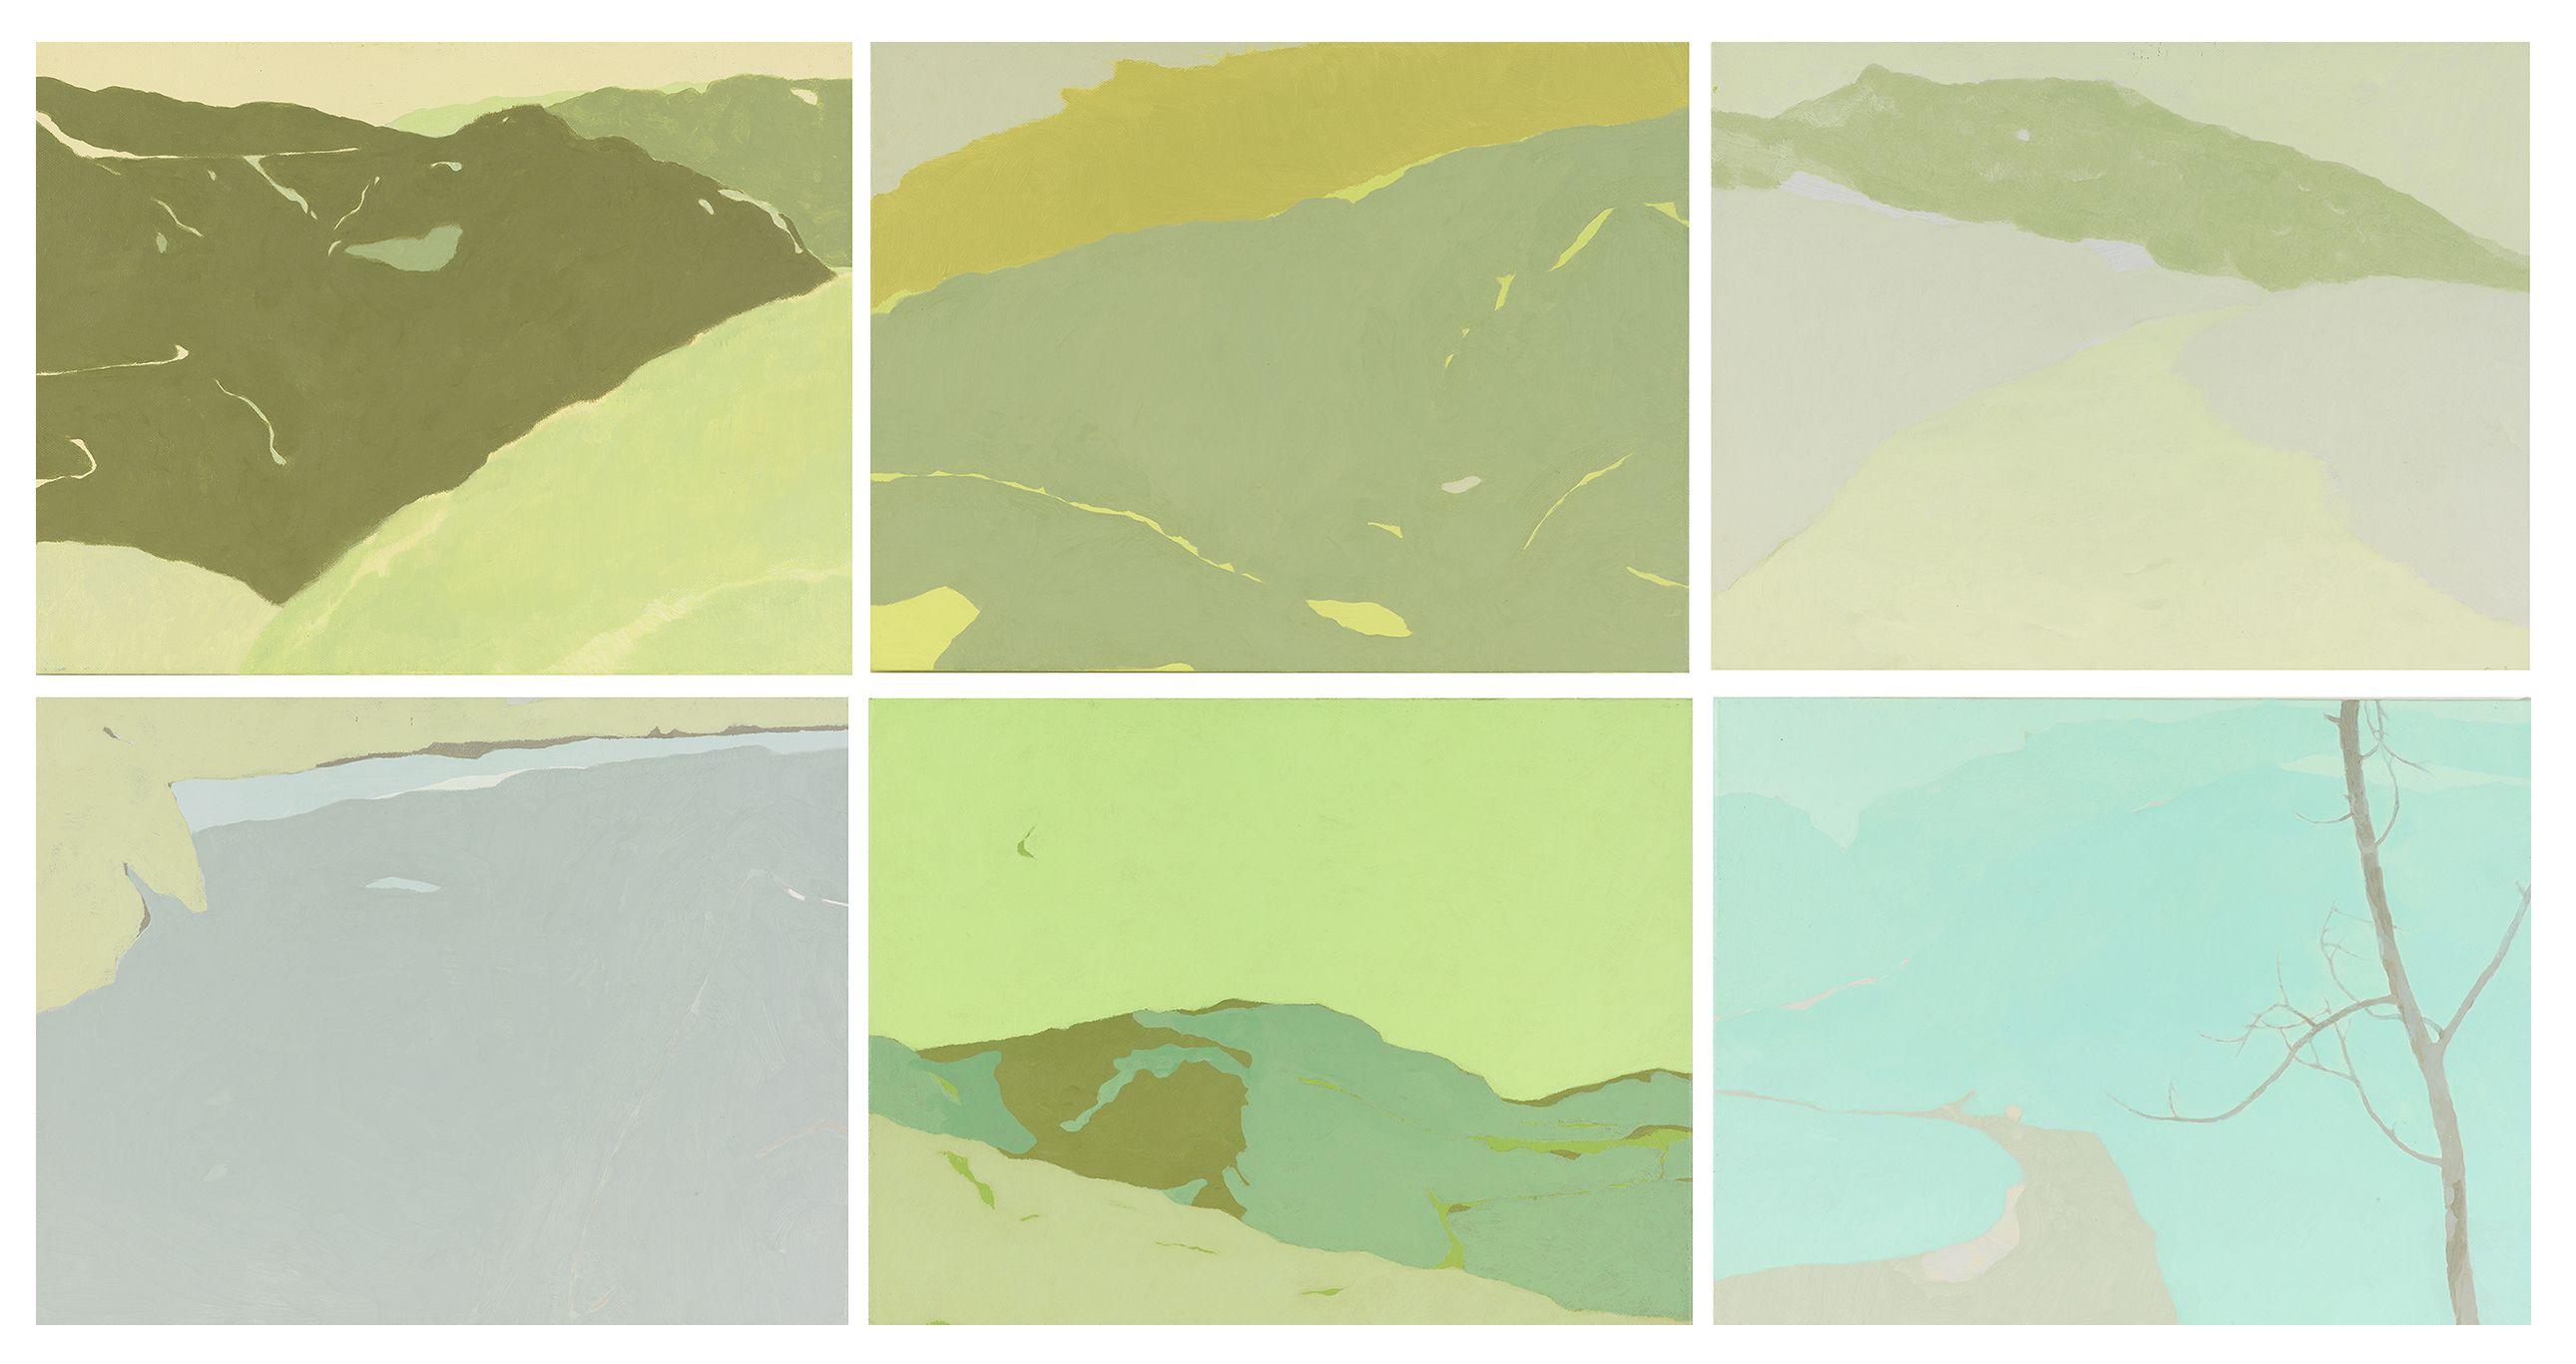 輕。風景系列   柯偉國   壓克力畫   54 x 105 x 3 cm